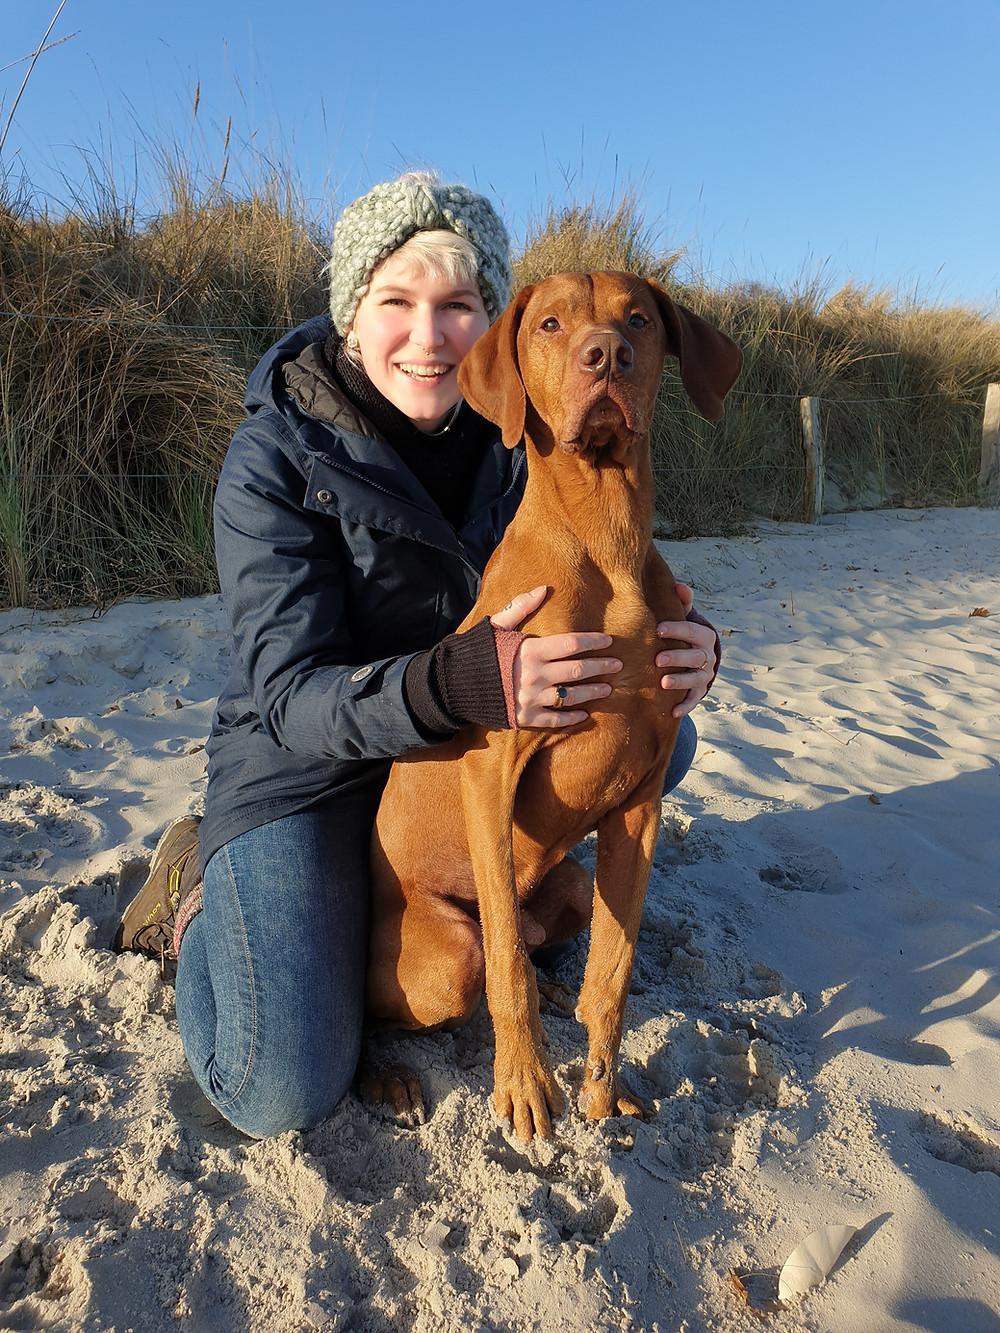 Team von Nordlicht-Tierphysiotherapie und Mantrailing